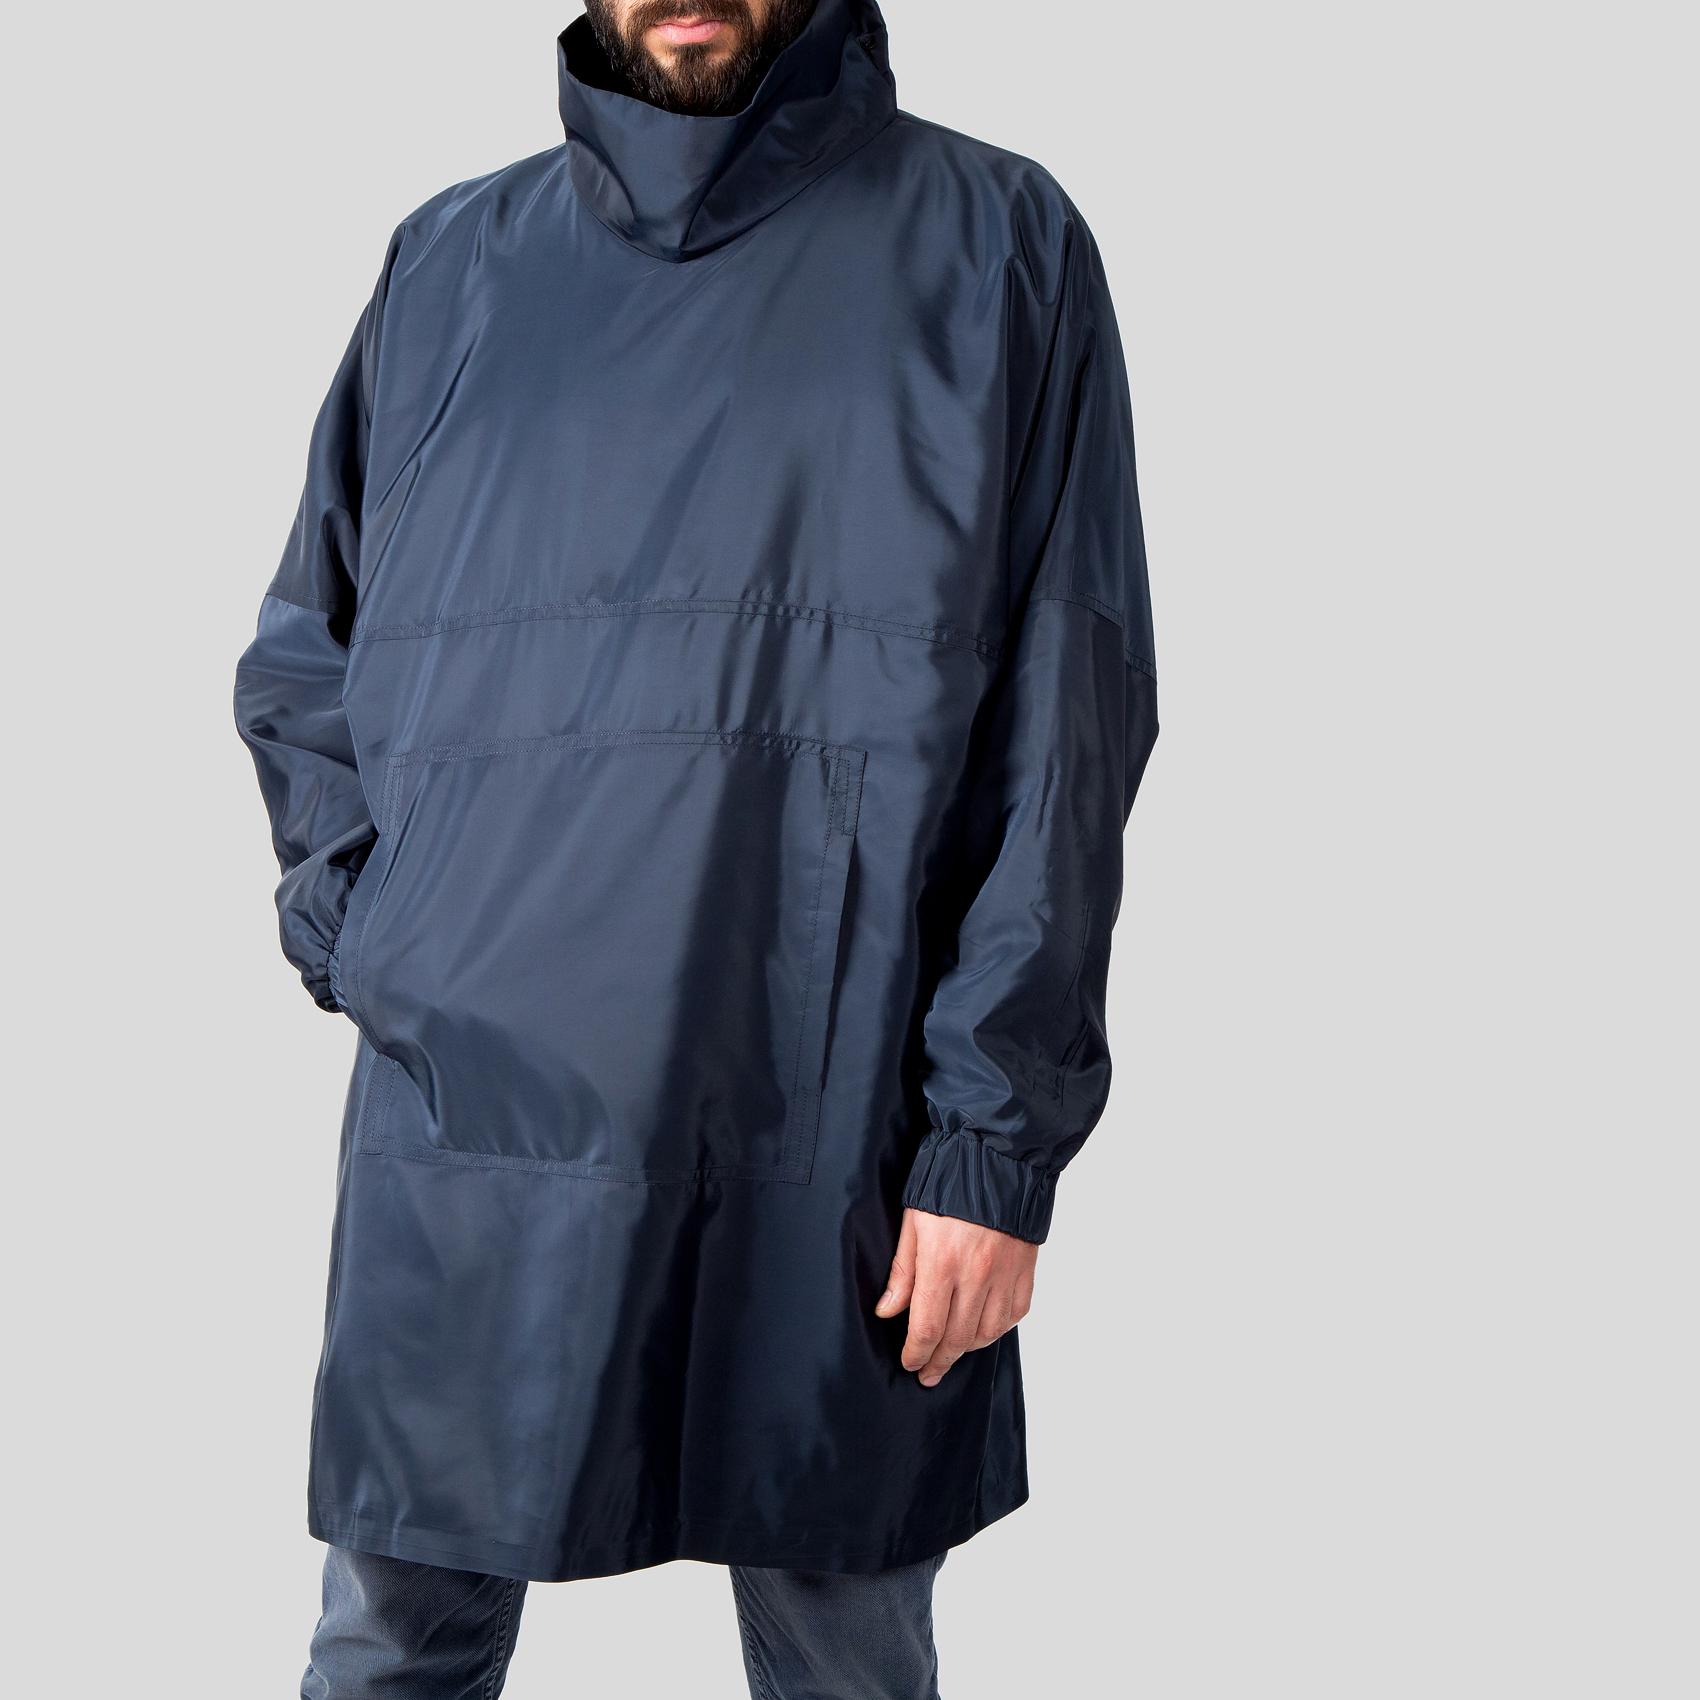 تصویر بارانی جلو بسته آبی